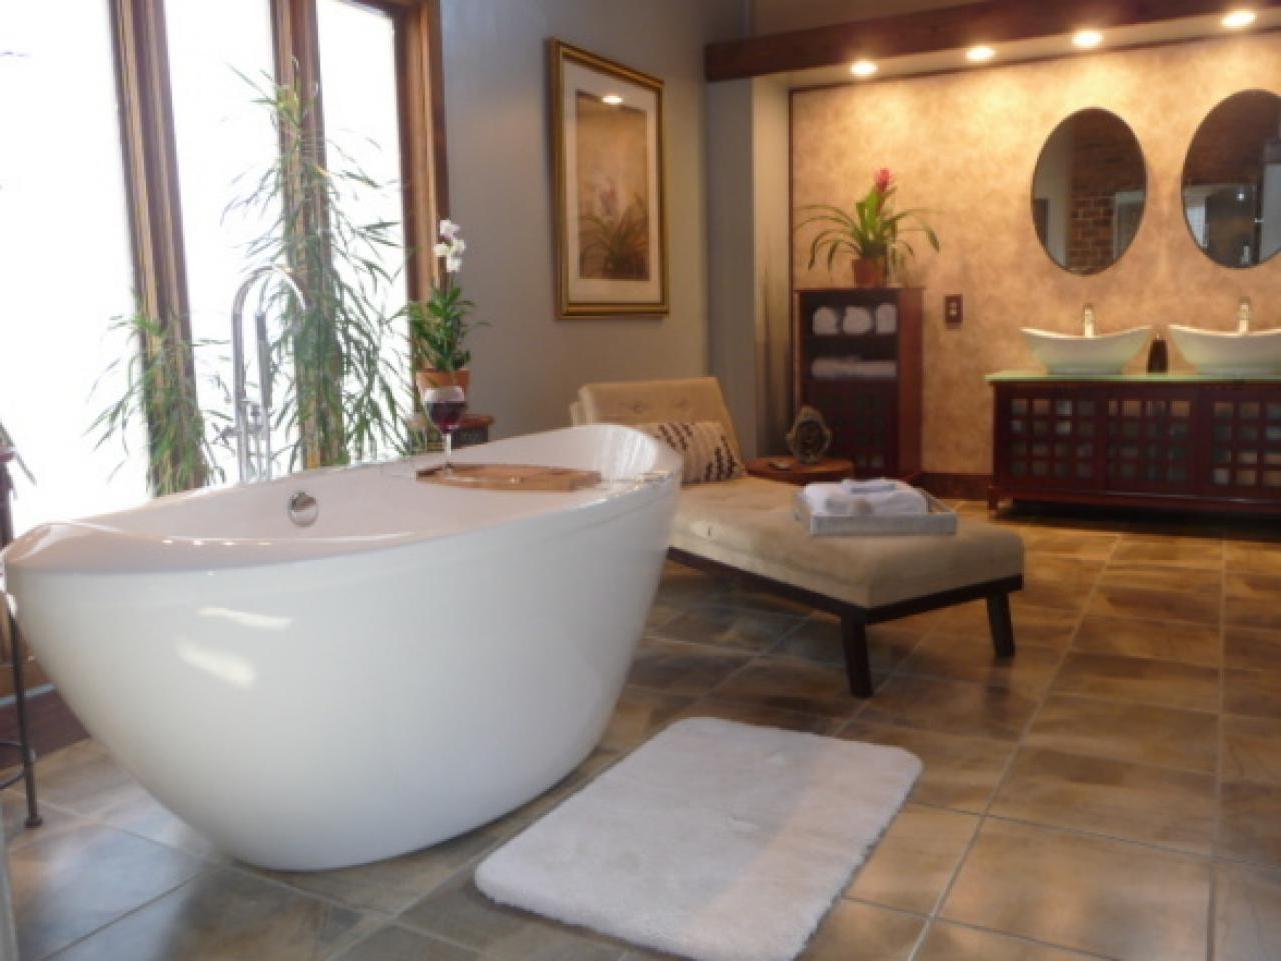 Budgeting For A Bathroom Remodel | Hgtv Inside Bathroom Remodel (Image 24 of 33)